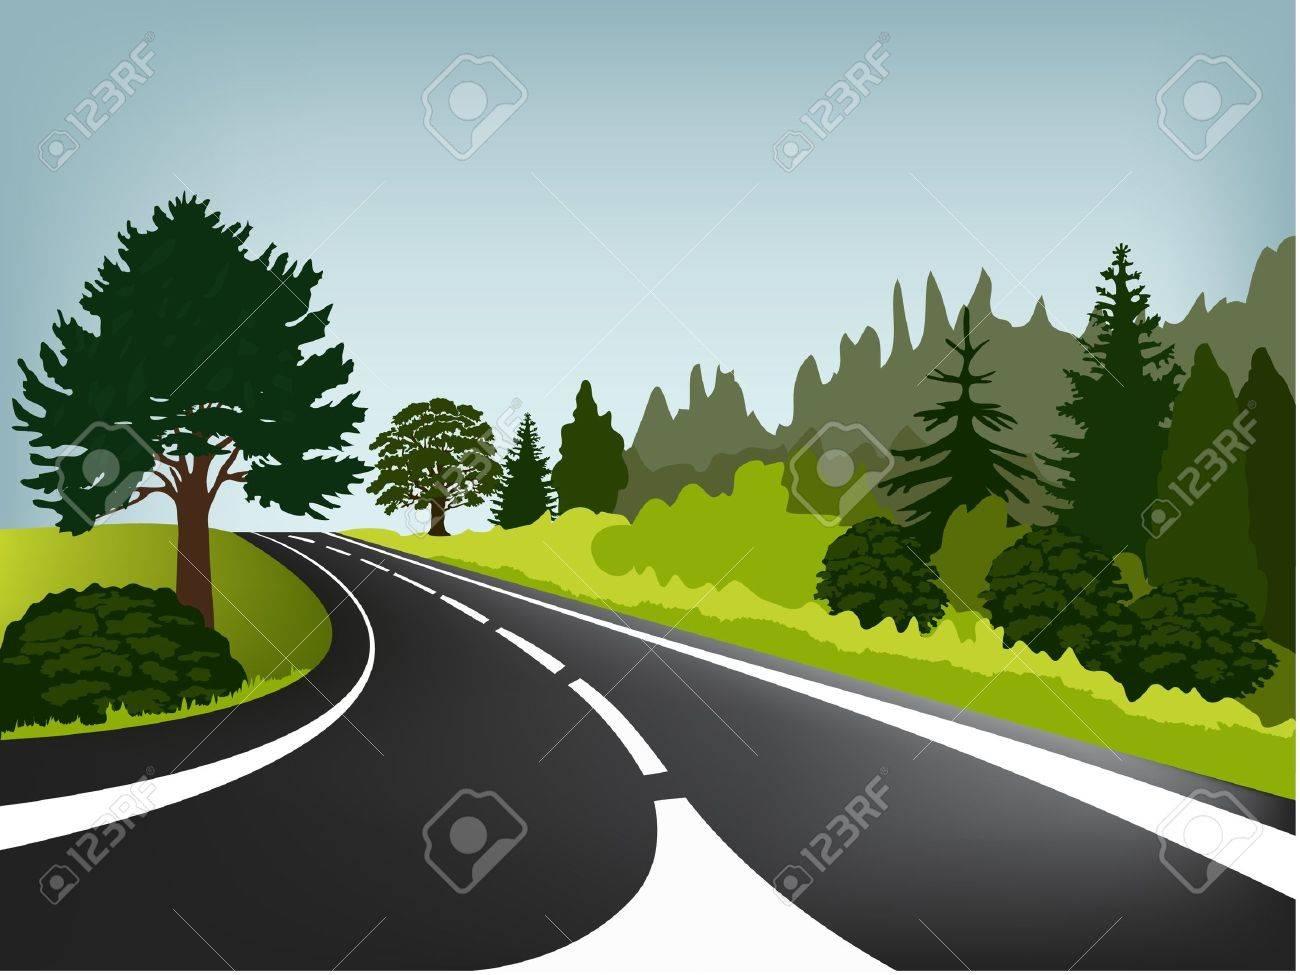 Road Stock Vector - 14765632